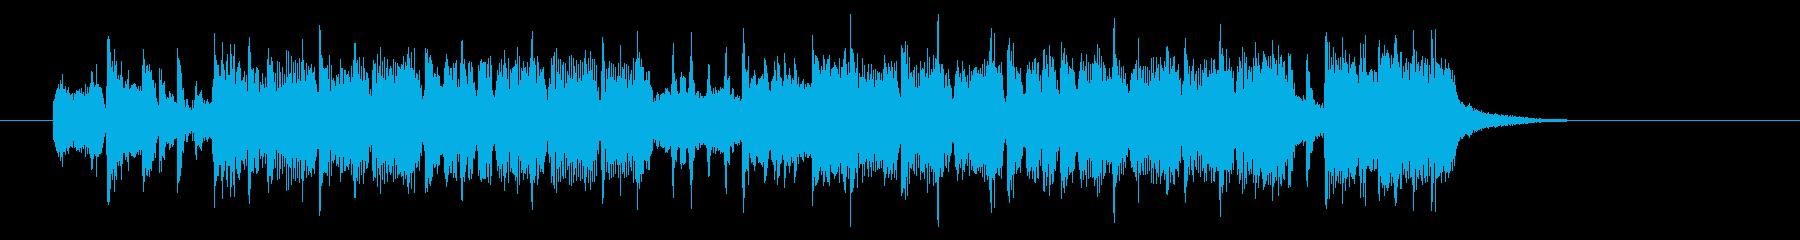 ヘビーでグルーブ感あるエレキジングルの再生済みの波形